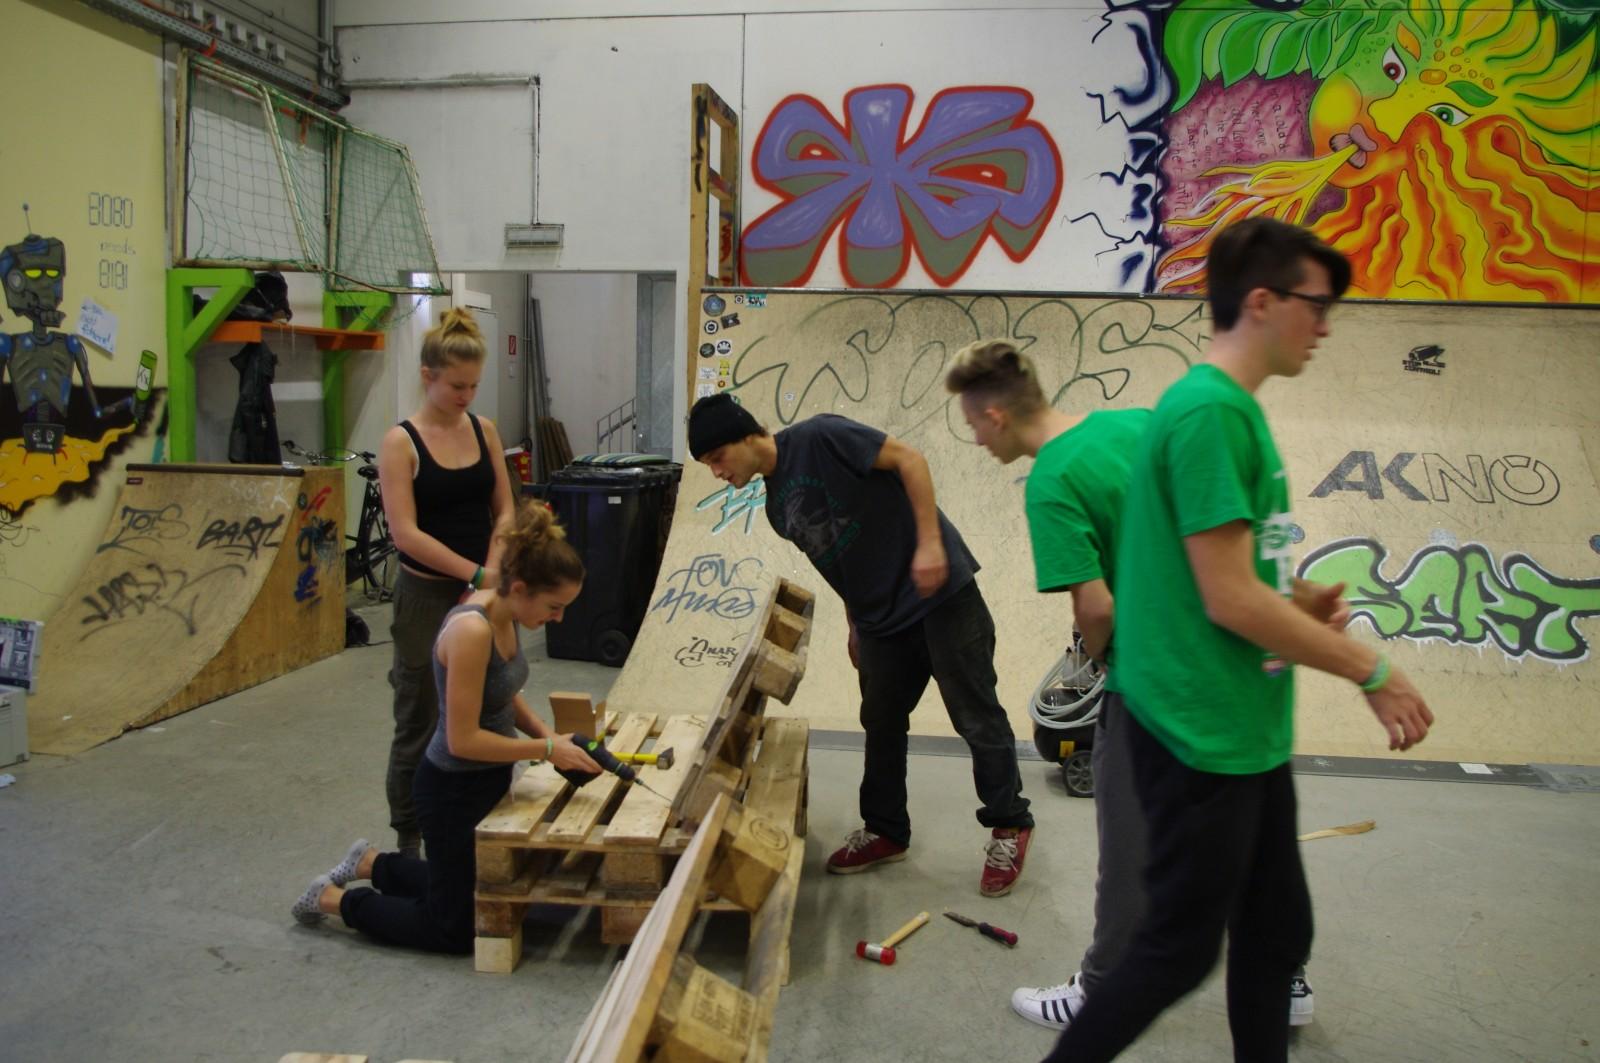 Foto: Jugendzentrum Steppenwolf